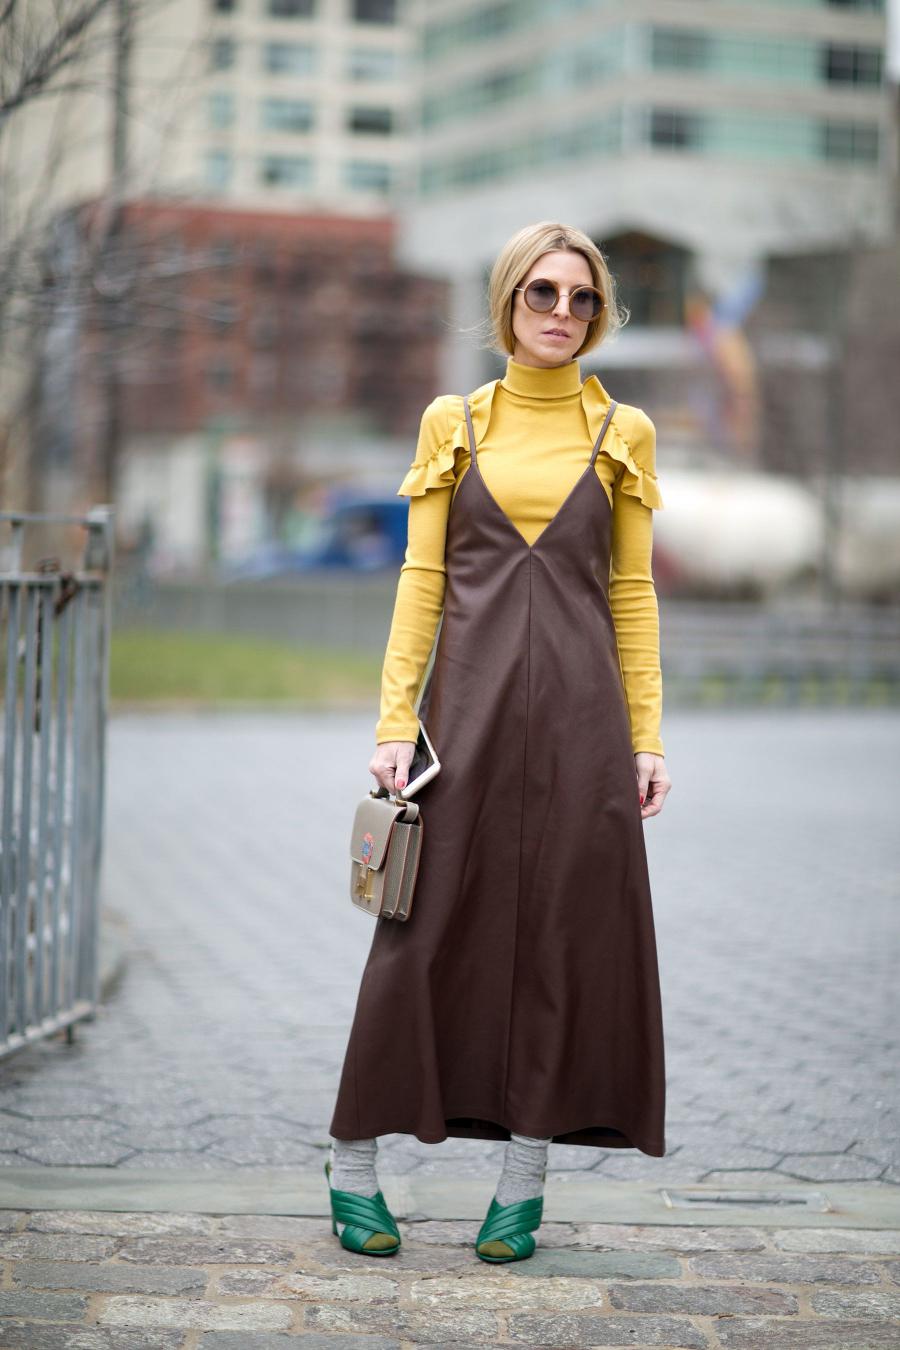 Bảng màu trầm ấm cũng là một sự lựa chọn hoàn hảo cho những ngày giao mùa, hãy chú ý két hợp phụ kiện để tạo sự sinh động và mới mẻ cho bộ trang phục.